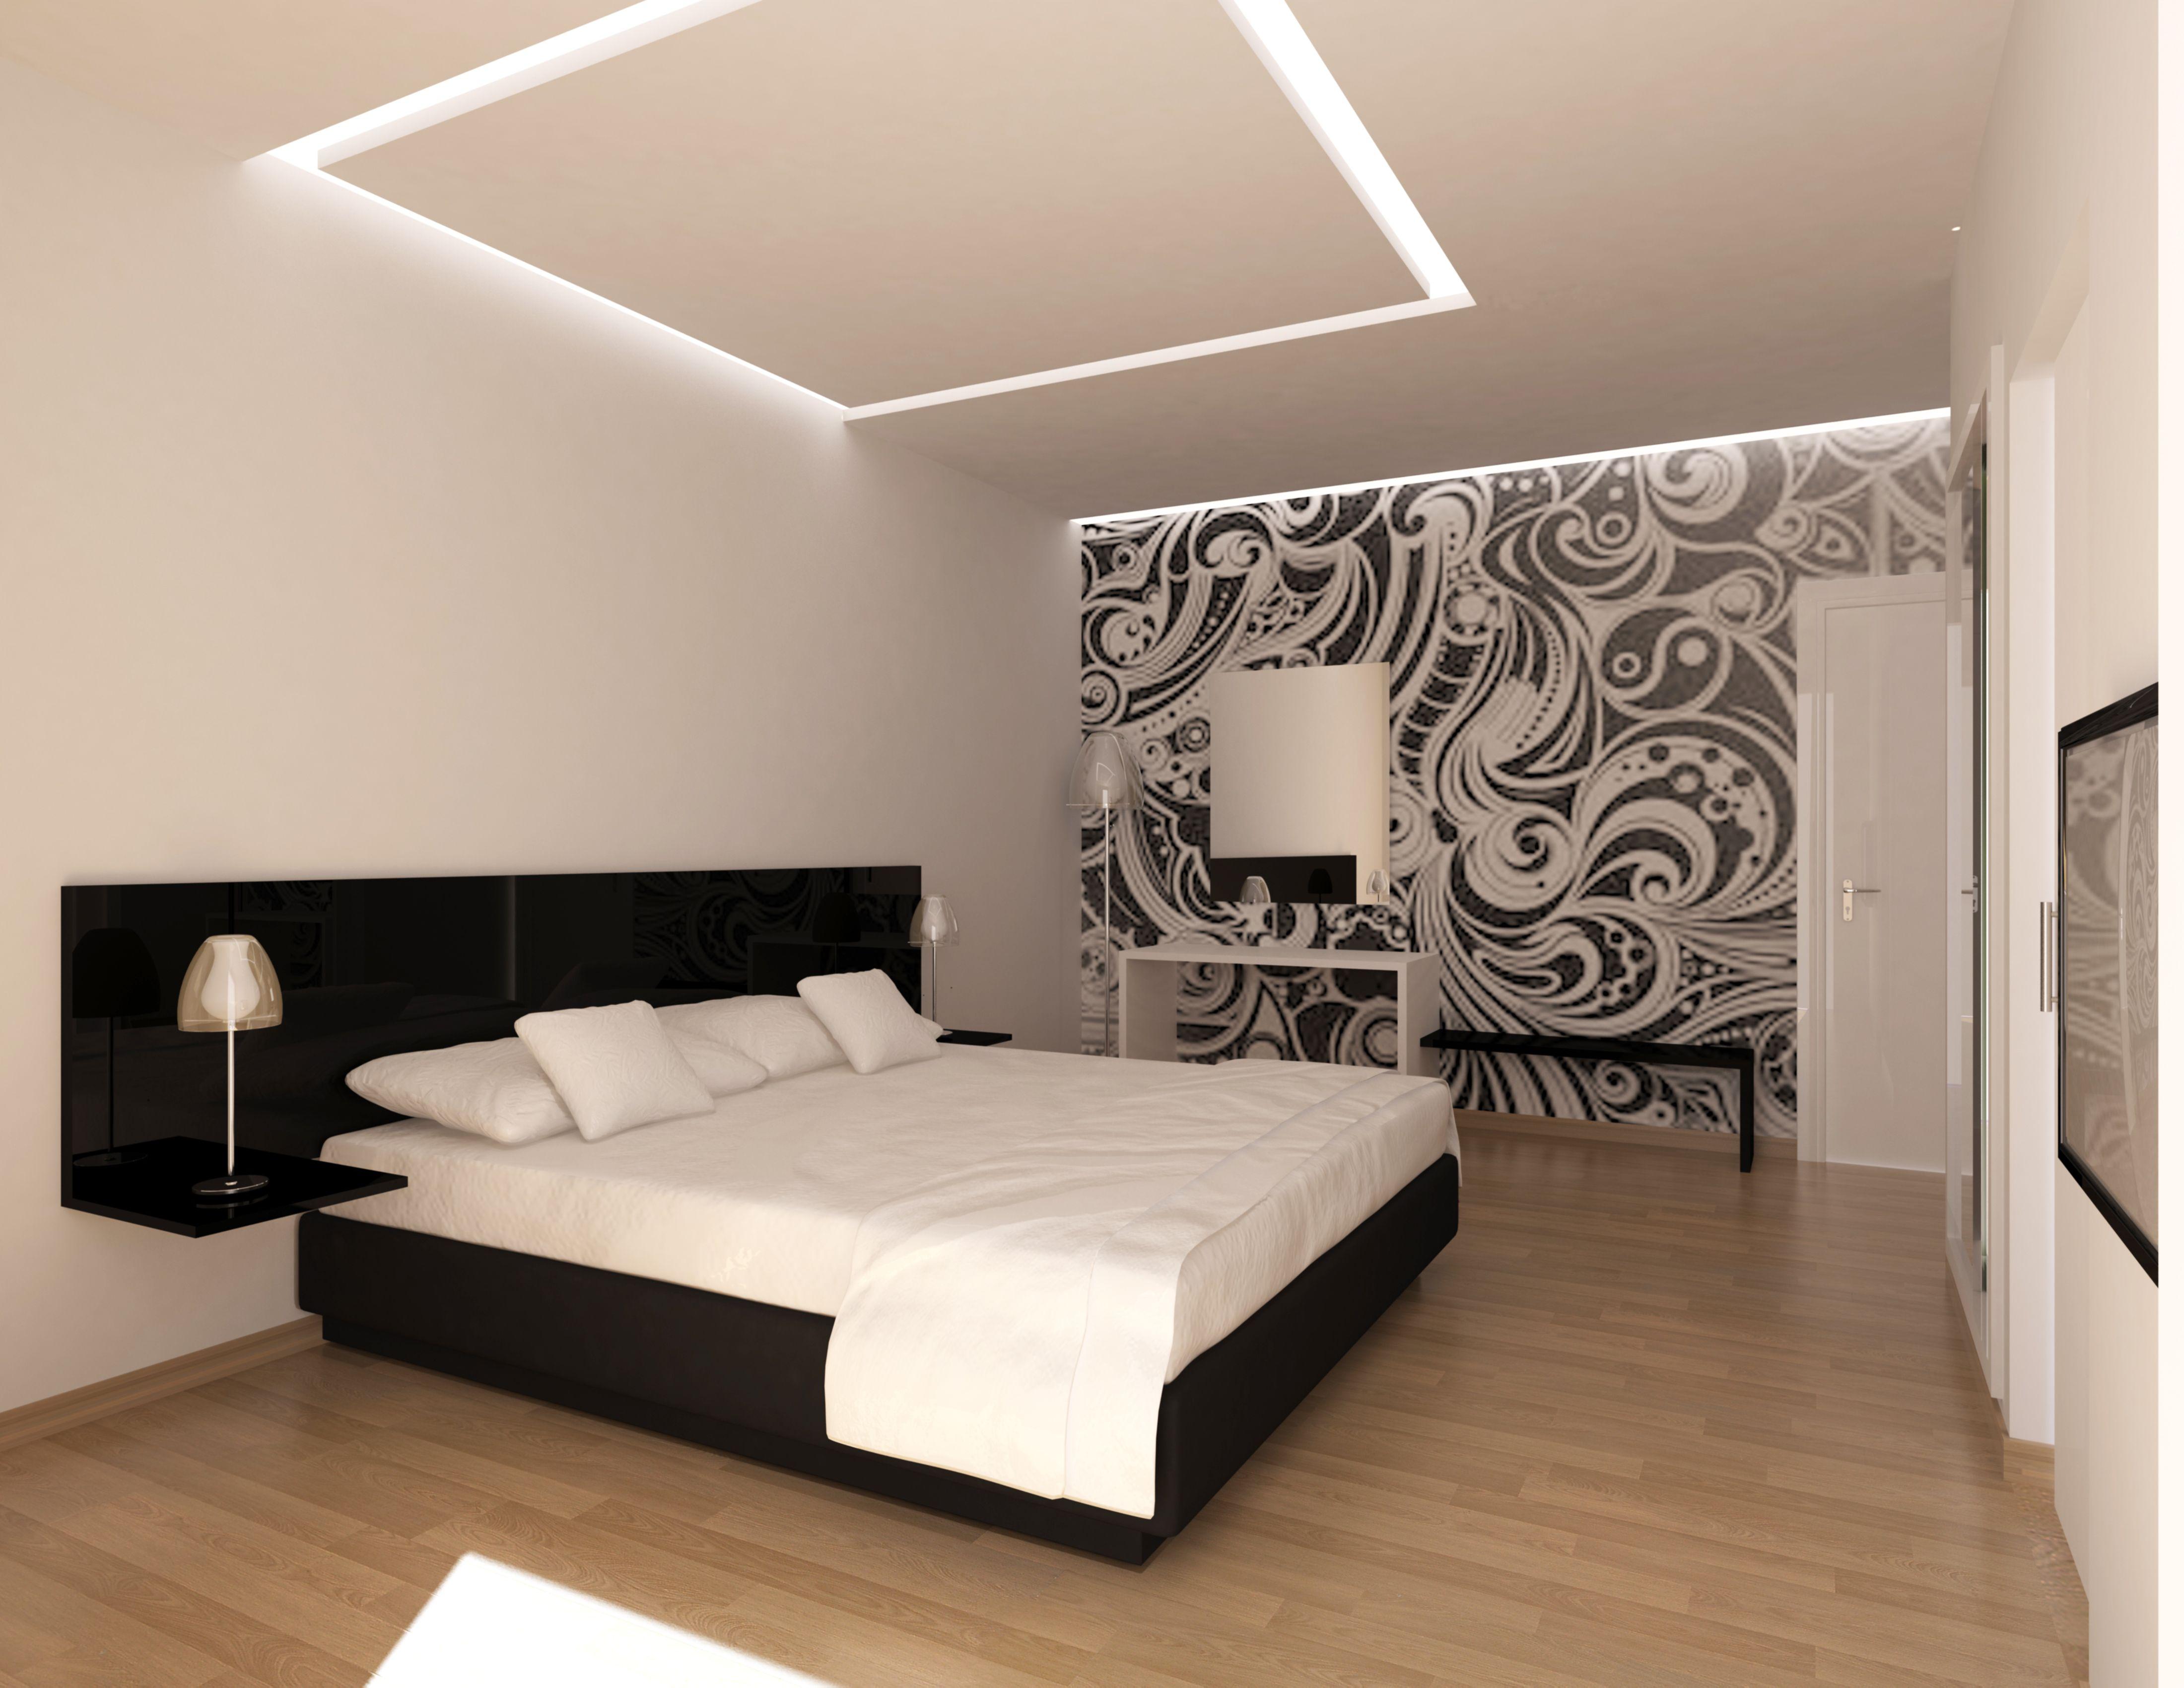 3D propuesta de habitacin en Hotel de Playa de Mallorca Blancos y negros Luz indirecta cenital Luz Led Suelo madera SILESTURA STUD